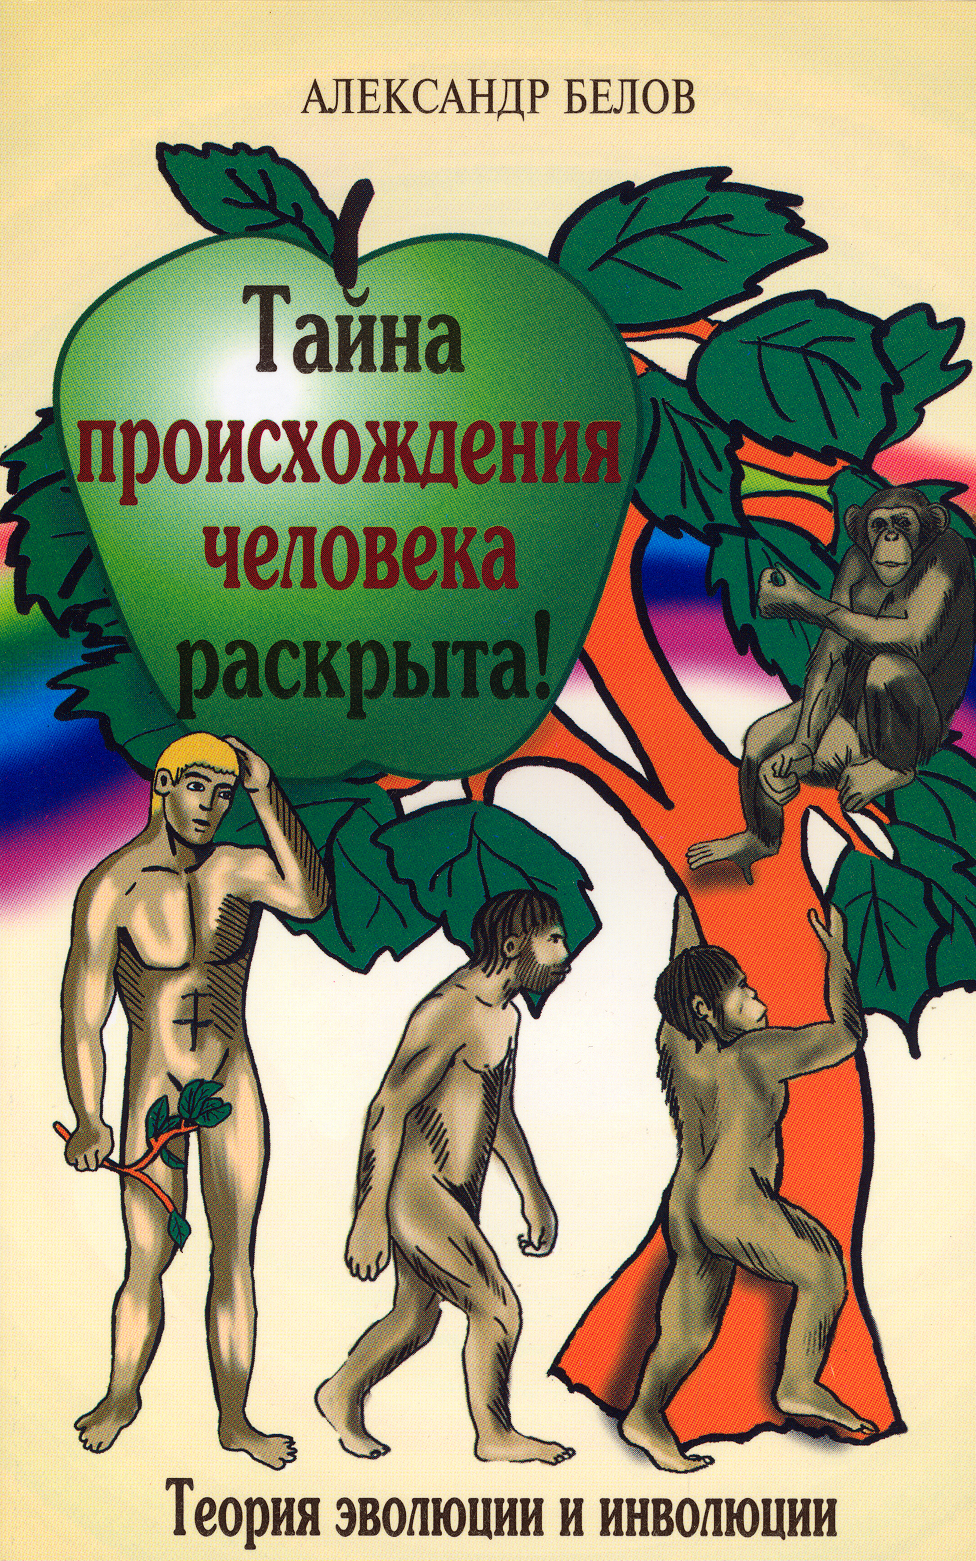 Тайна происхождения человека раскрыта! 2-е изд. Теория эволюции и инволюции